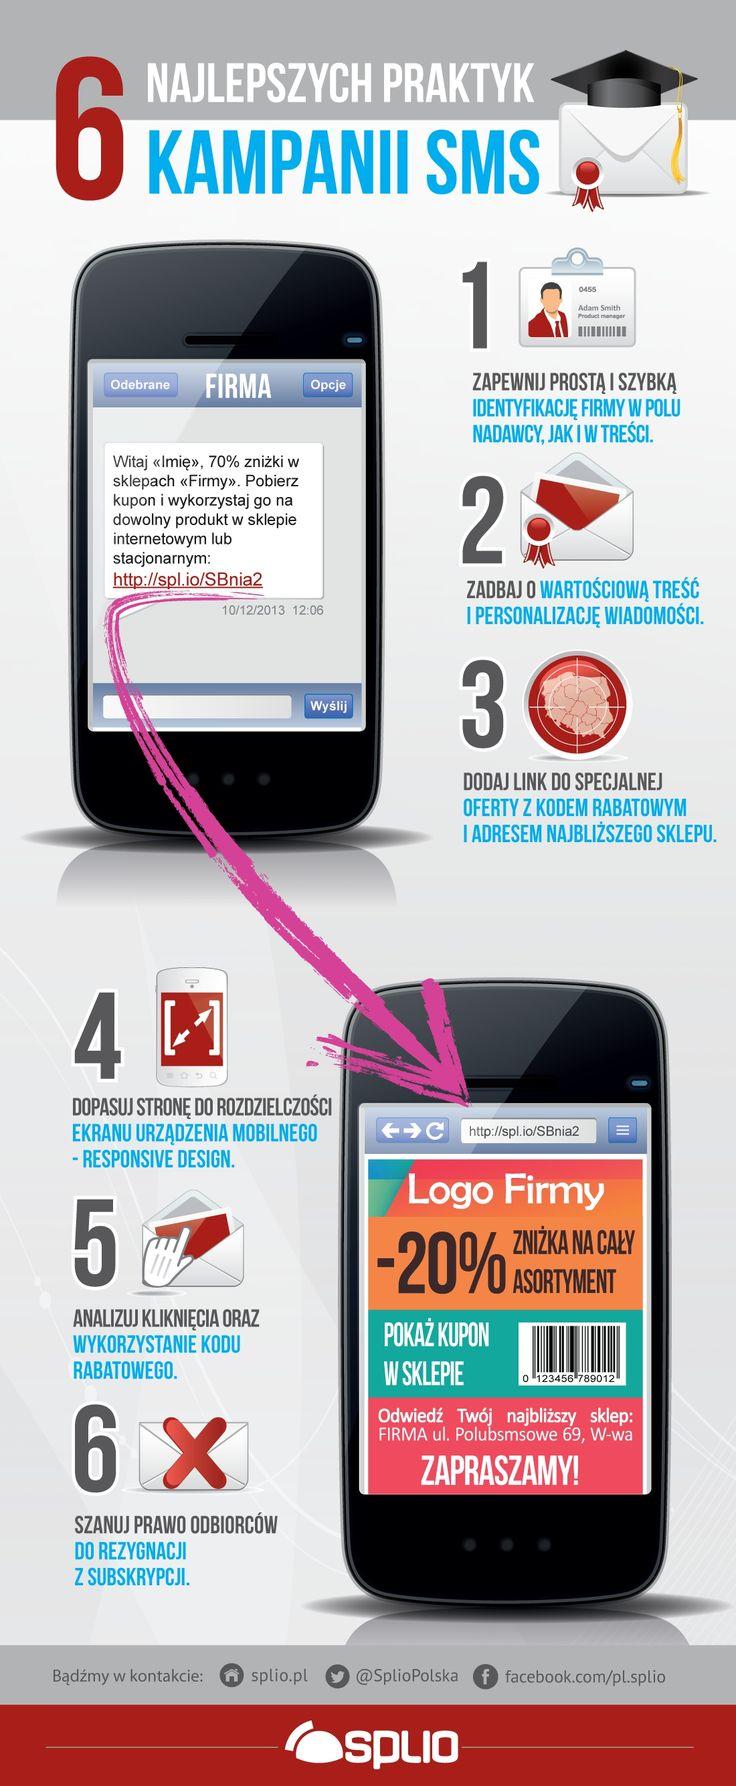 6 trików na skuteczne SMS-y promocyjne | Interaktywnie.com